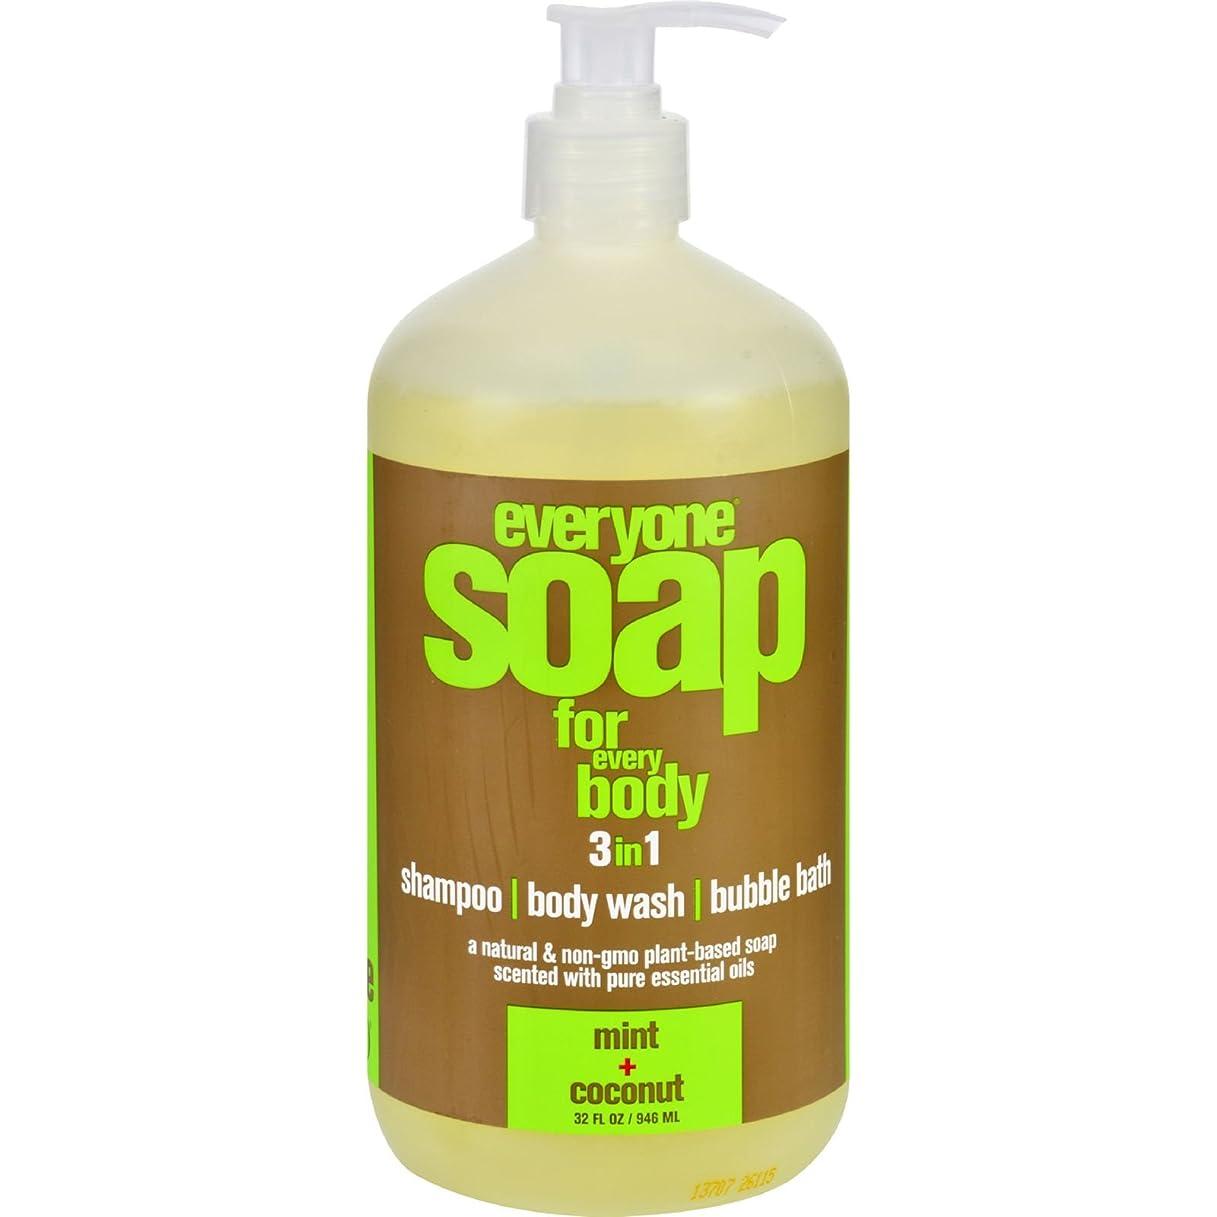 割り当て予見するアラートHand Soap - Natural - Everyone - Liquid - Mint and Coconut - 32 oz by EO Products